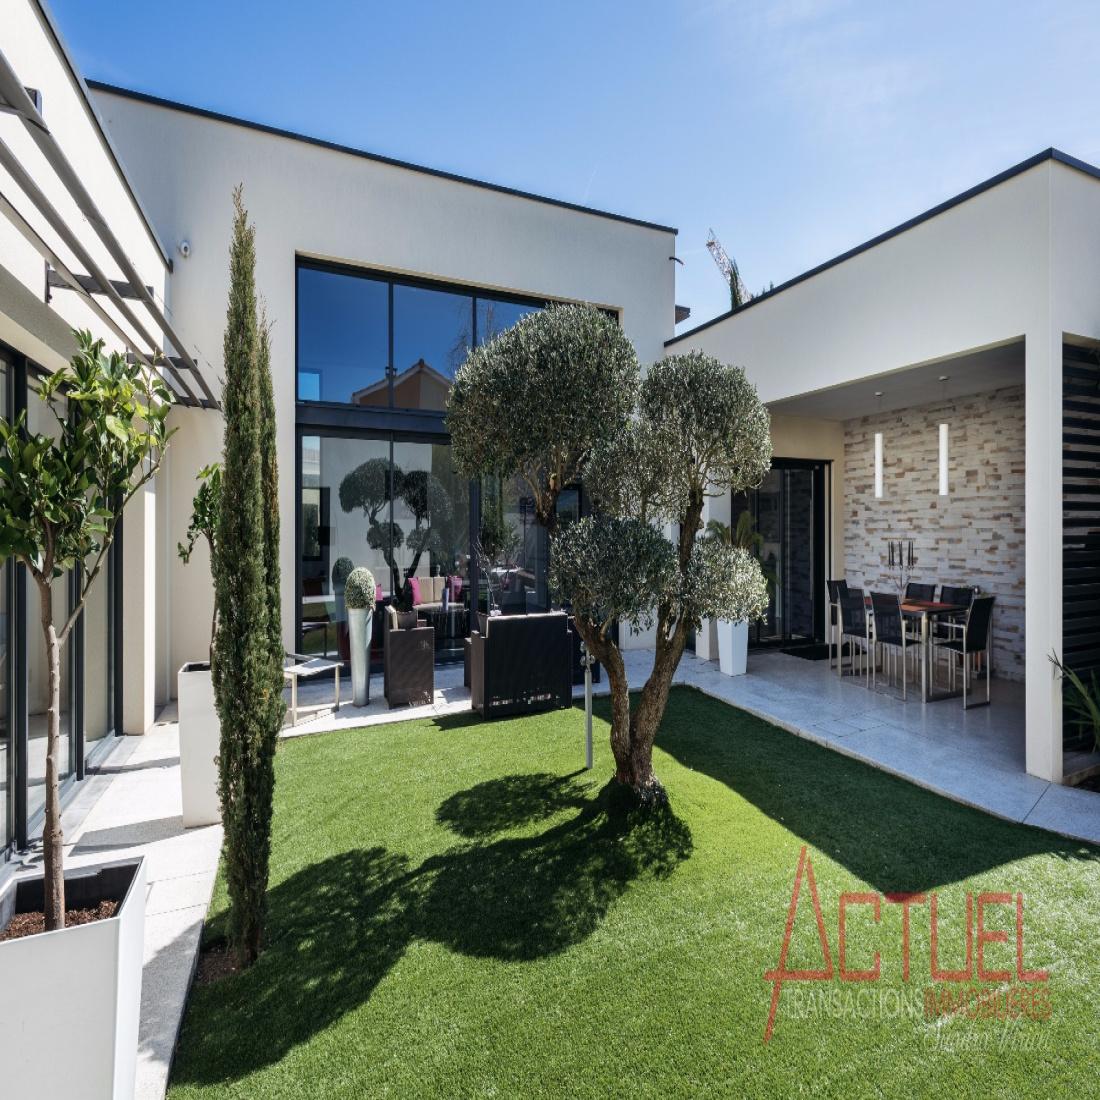 Vente Rare Maison Exceptionnelle D Architecte Sandra Viricel Immobilier